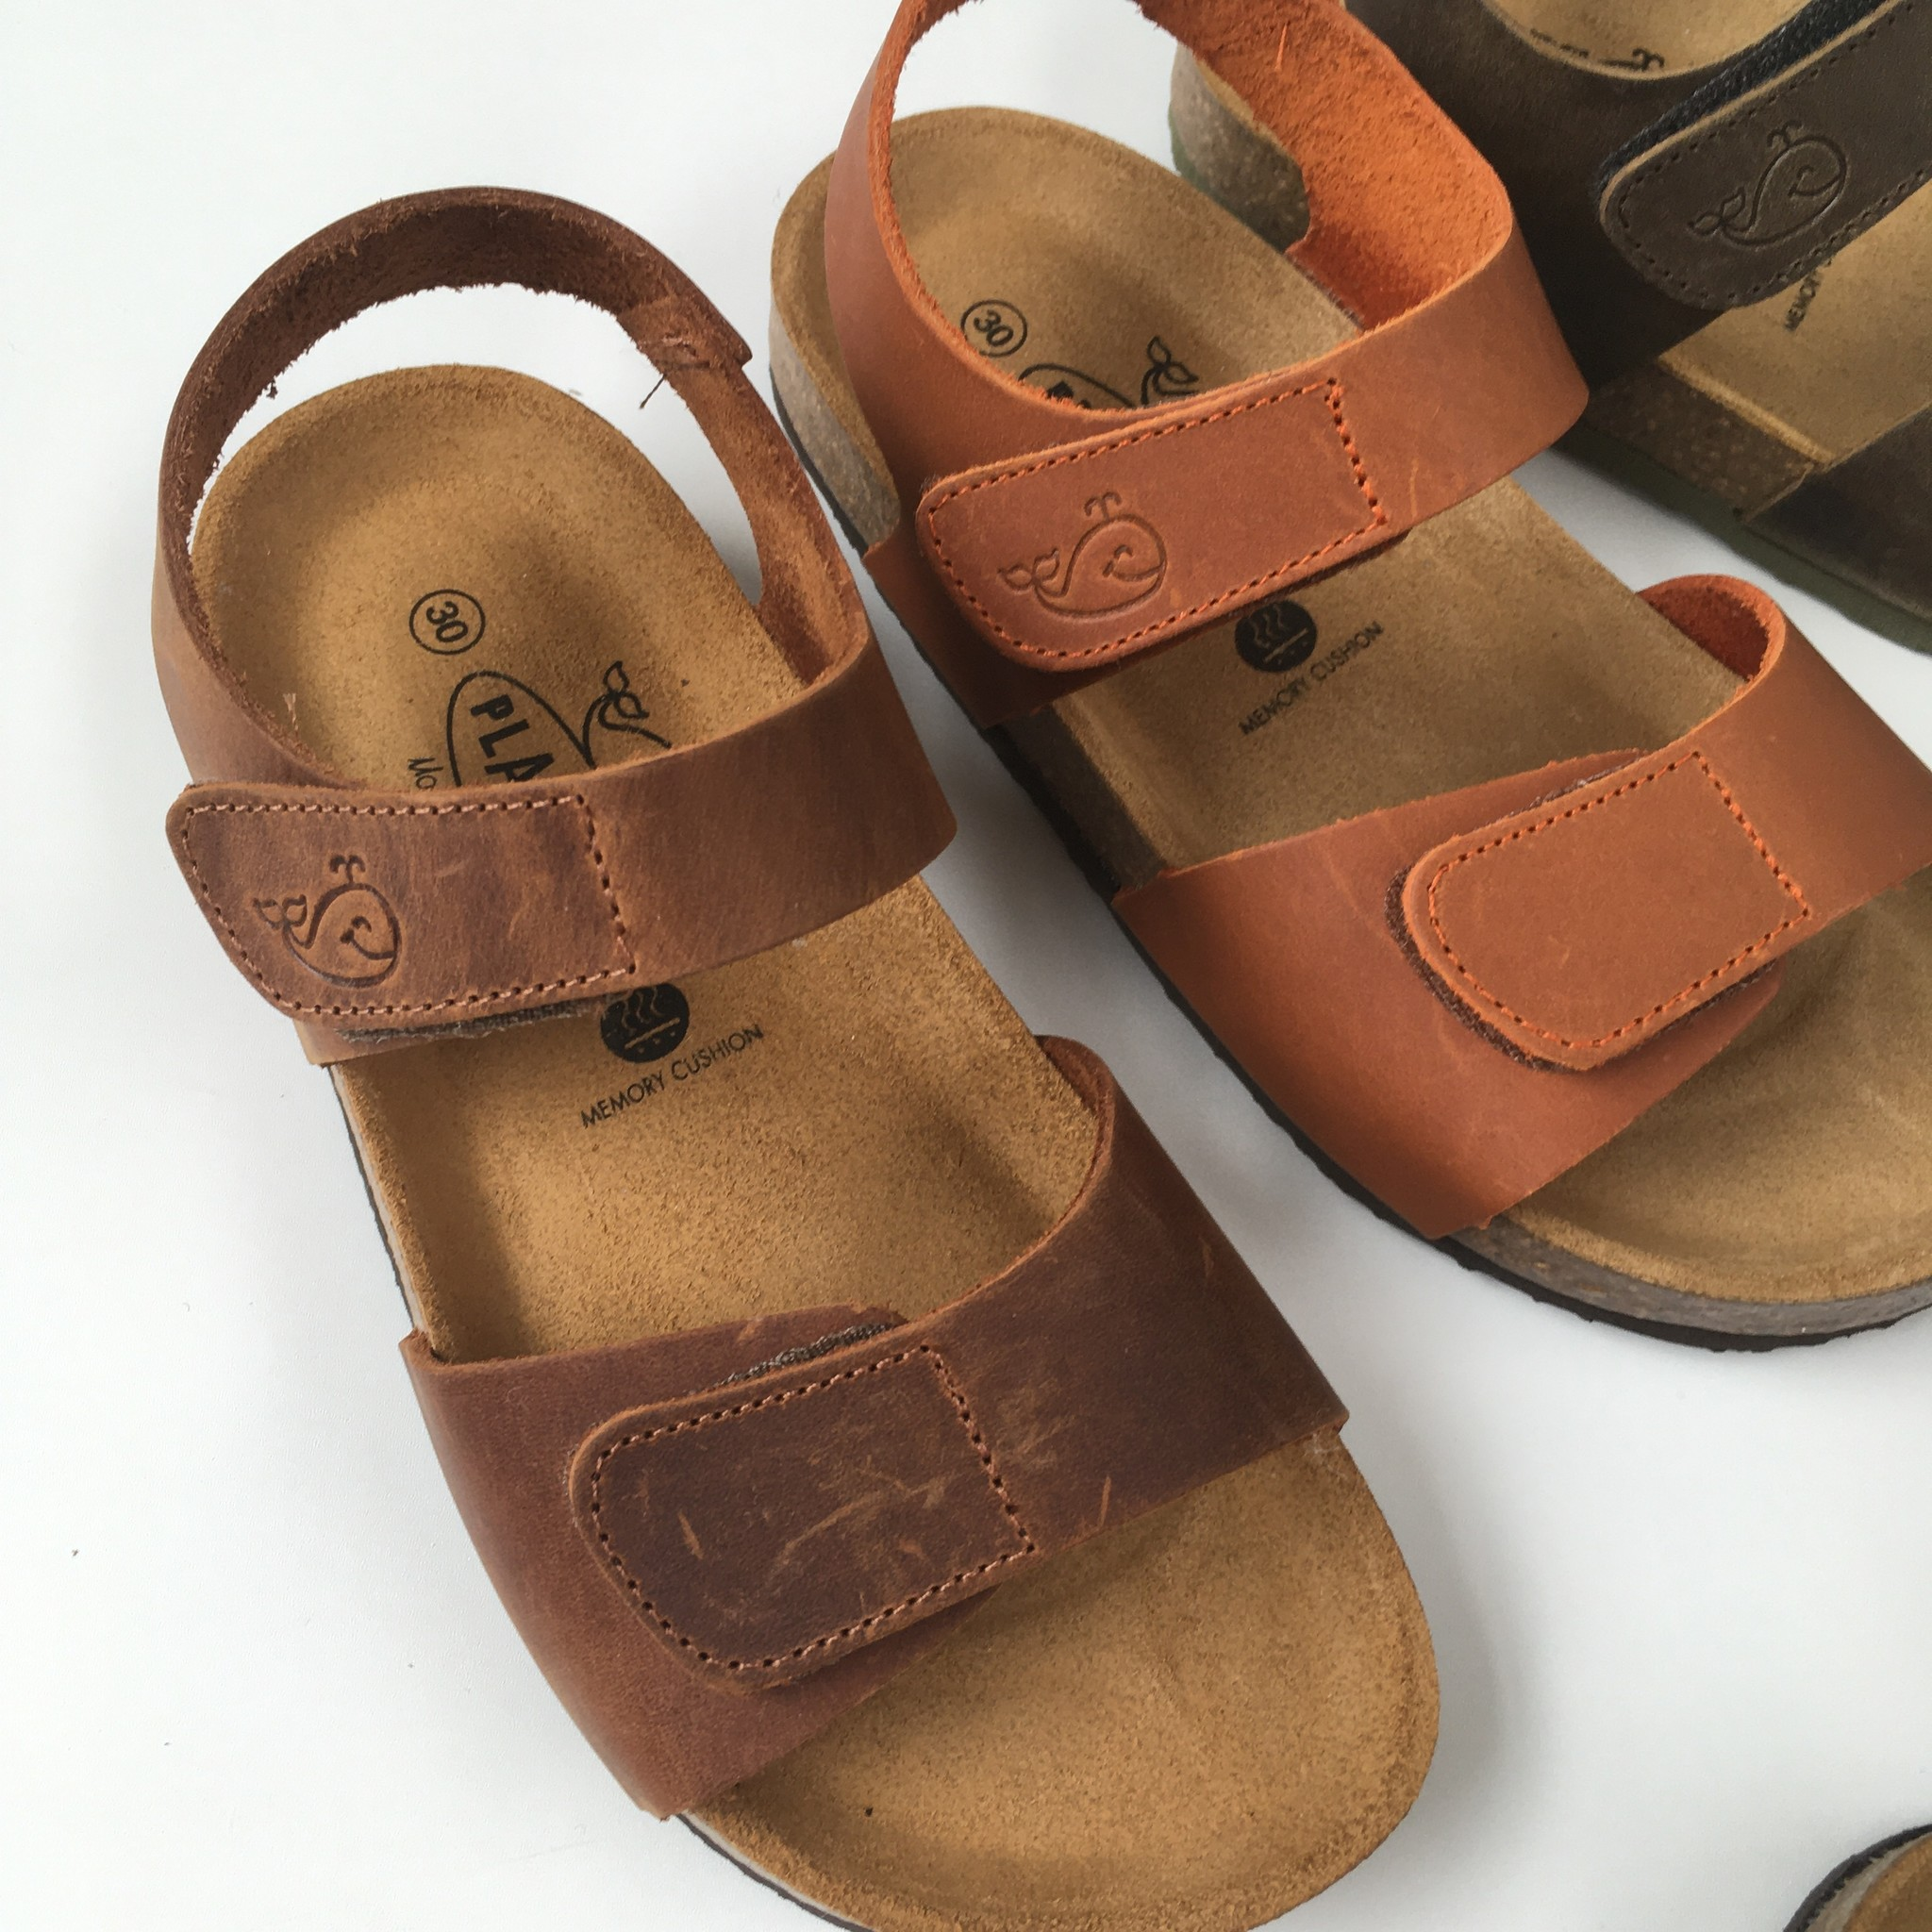 PLAKTON SANDALS leren kurk sandaal kind PARTER - opgeruwd leer mat - natuur bruin - 24 tm 35